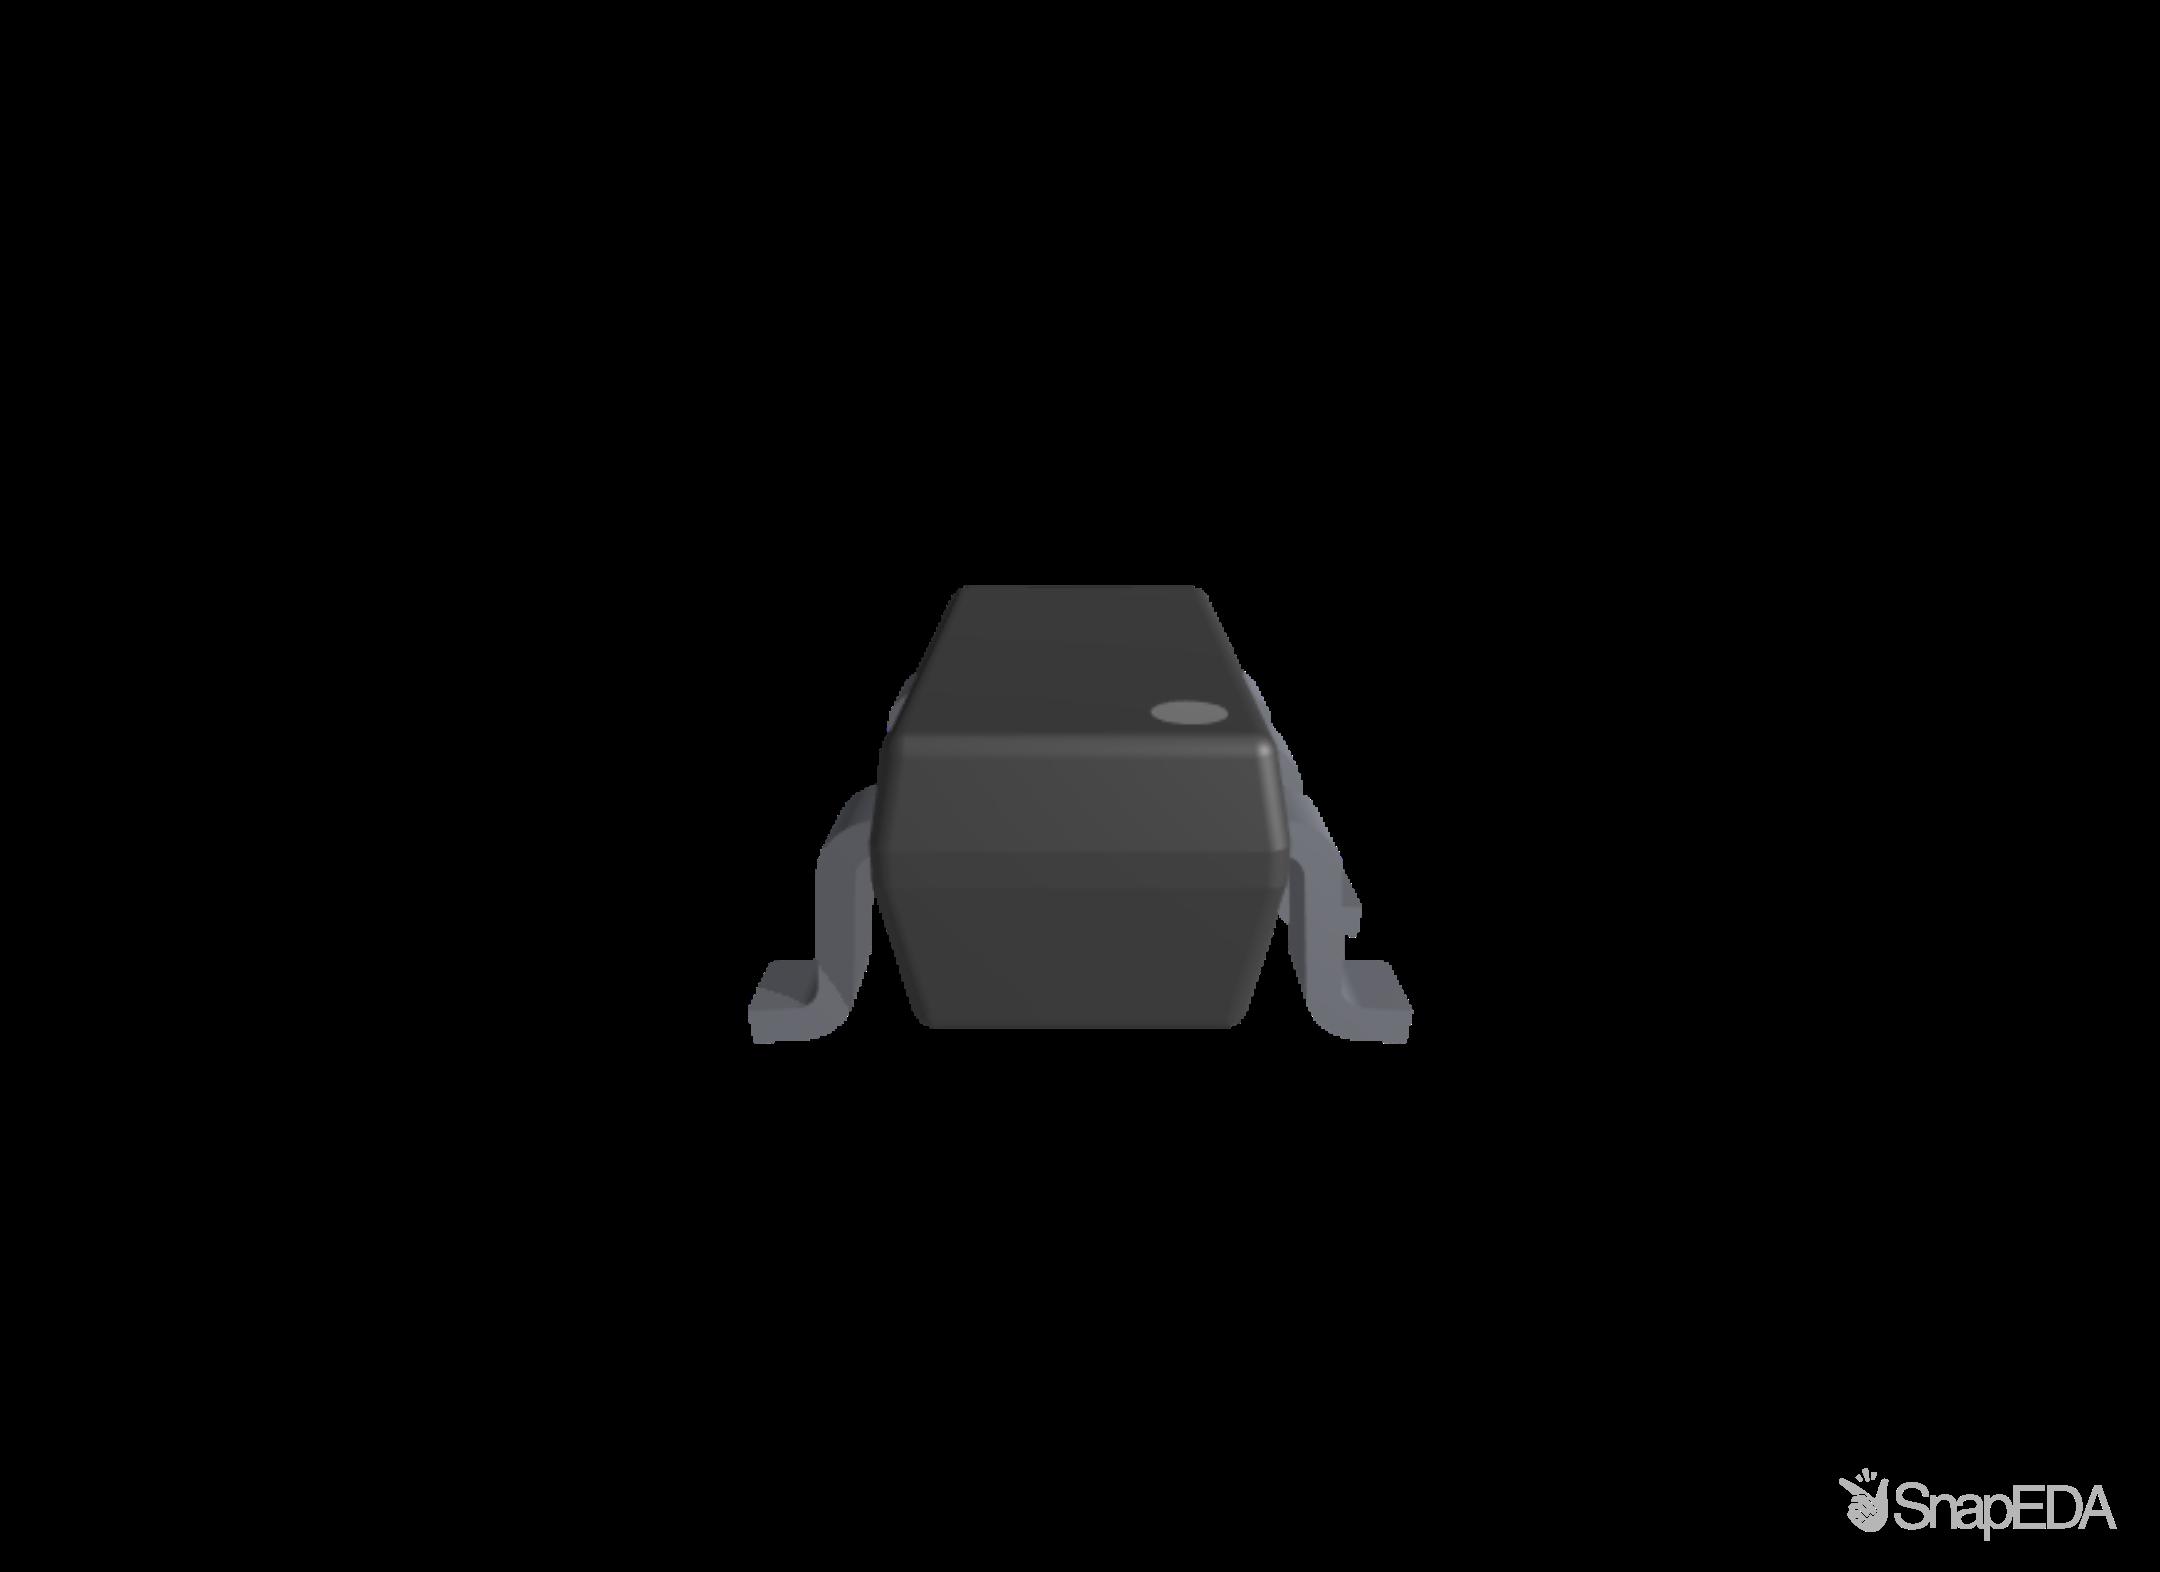 TPS3836K33QDBVRQ1 3D Model